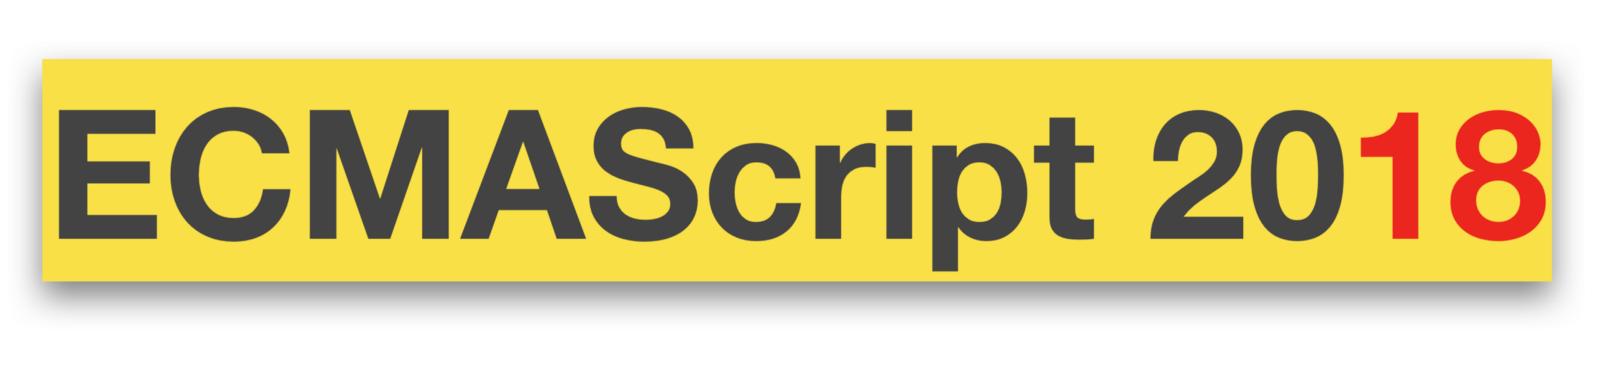 Обзор новшеств ECMAScript 2016, 2017, и 2018 с примерами - 20